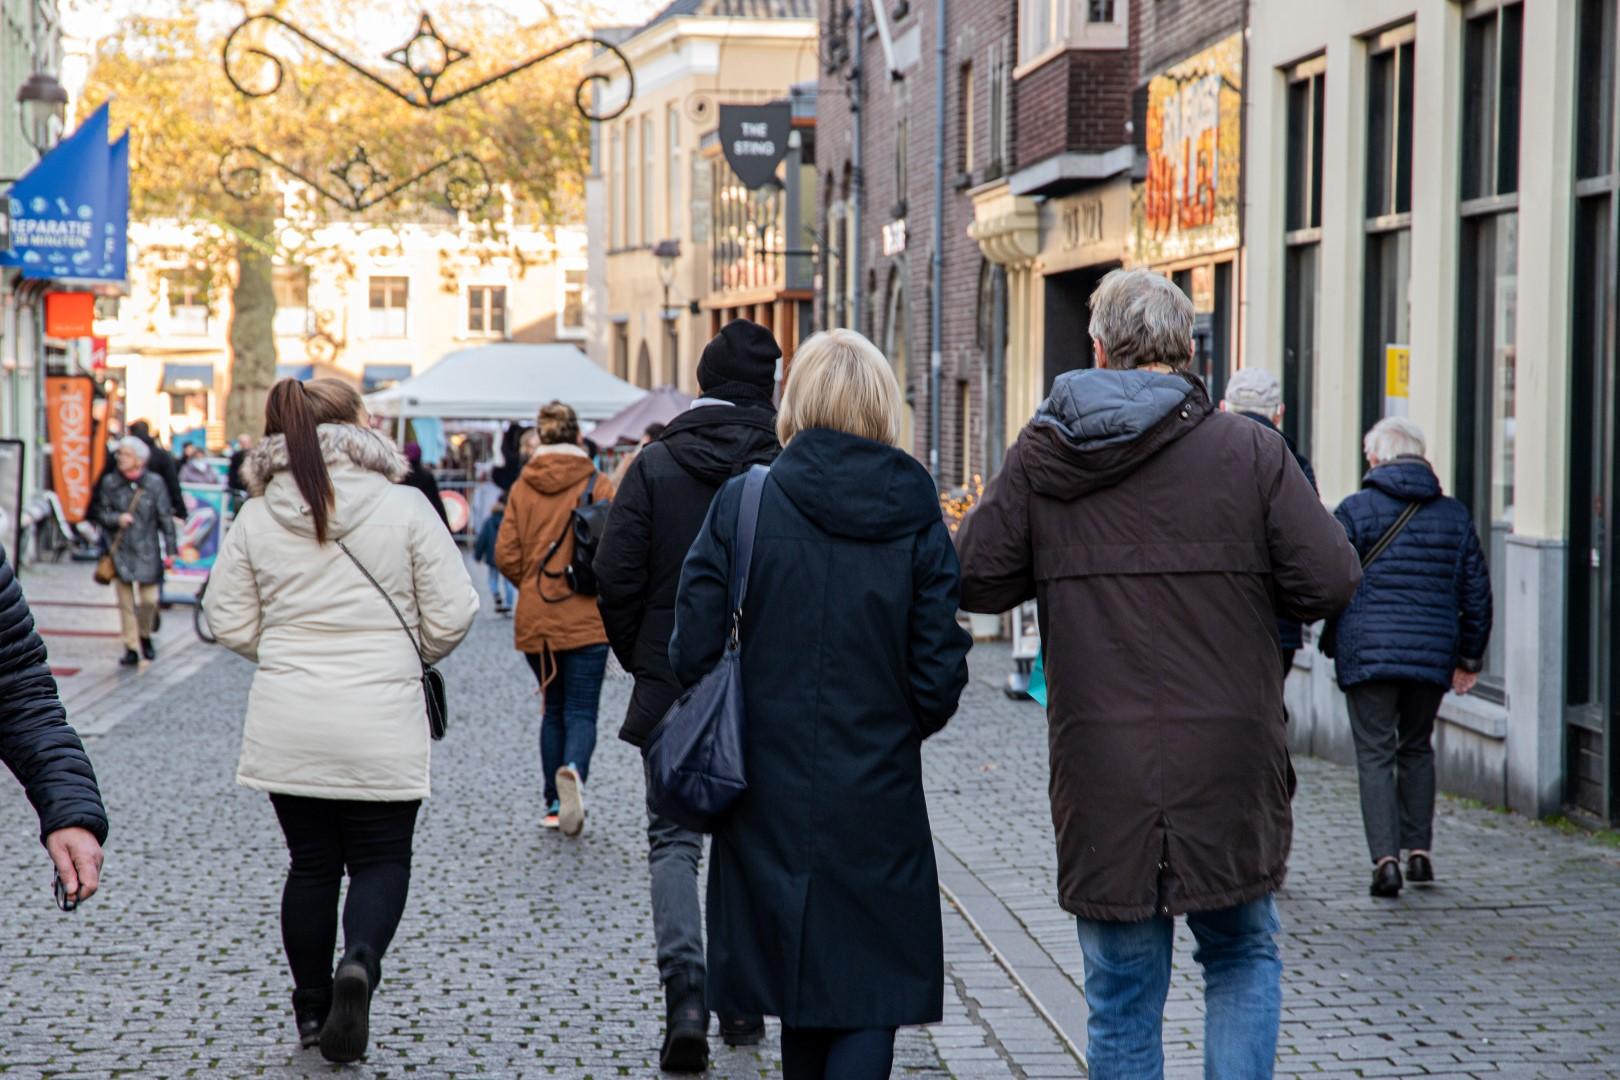 Donorregister mensen binnenstad drukte